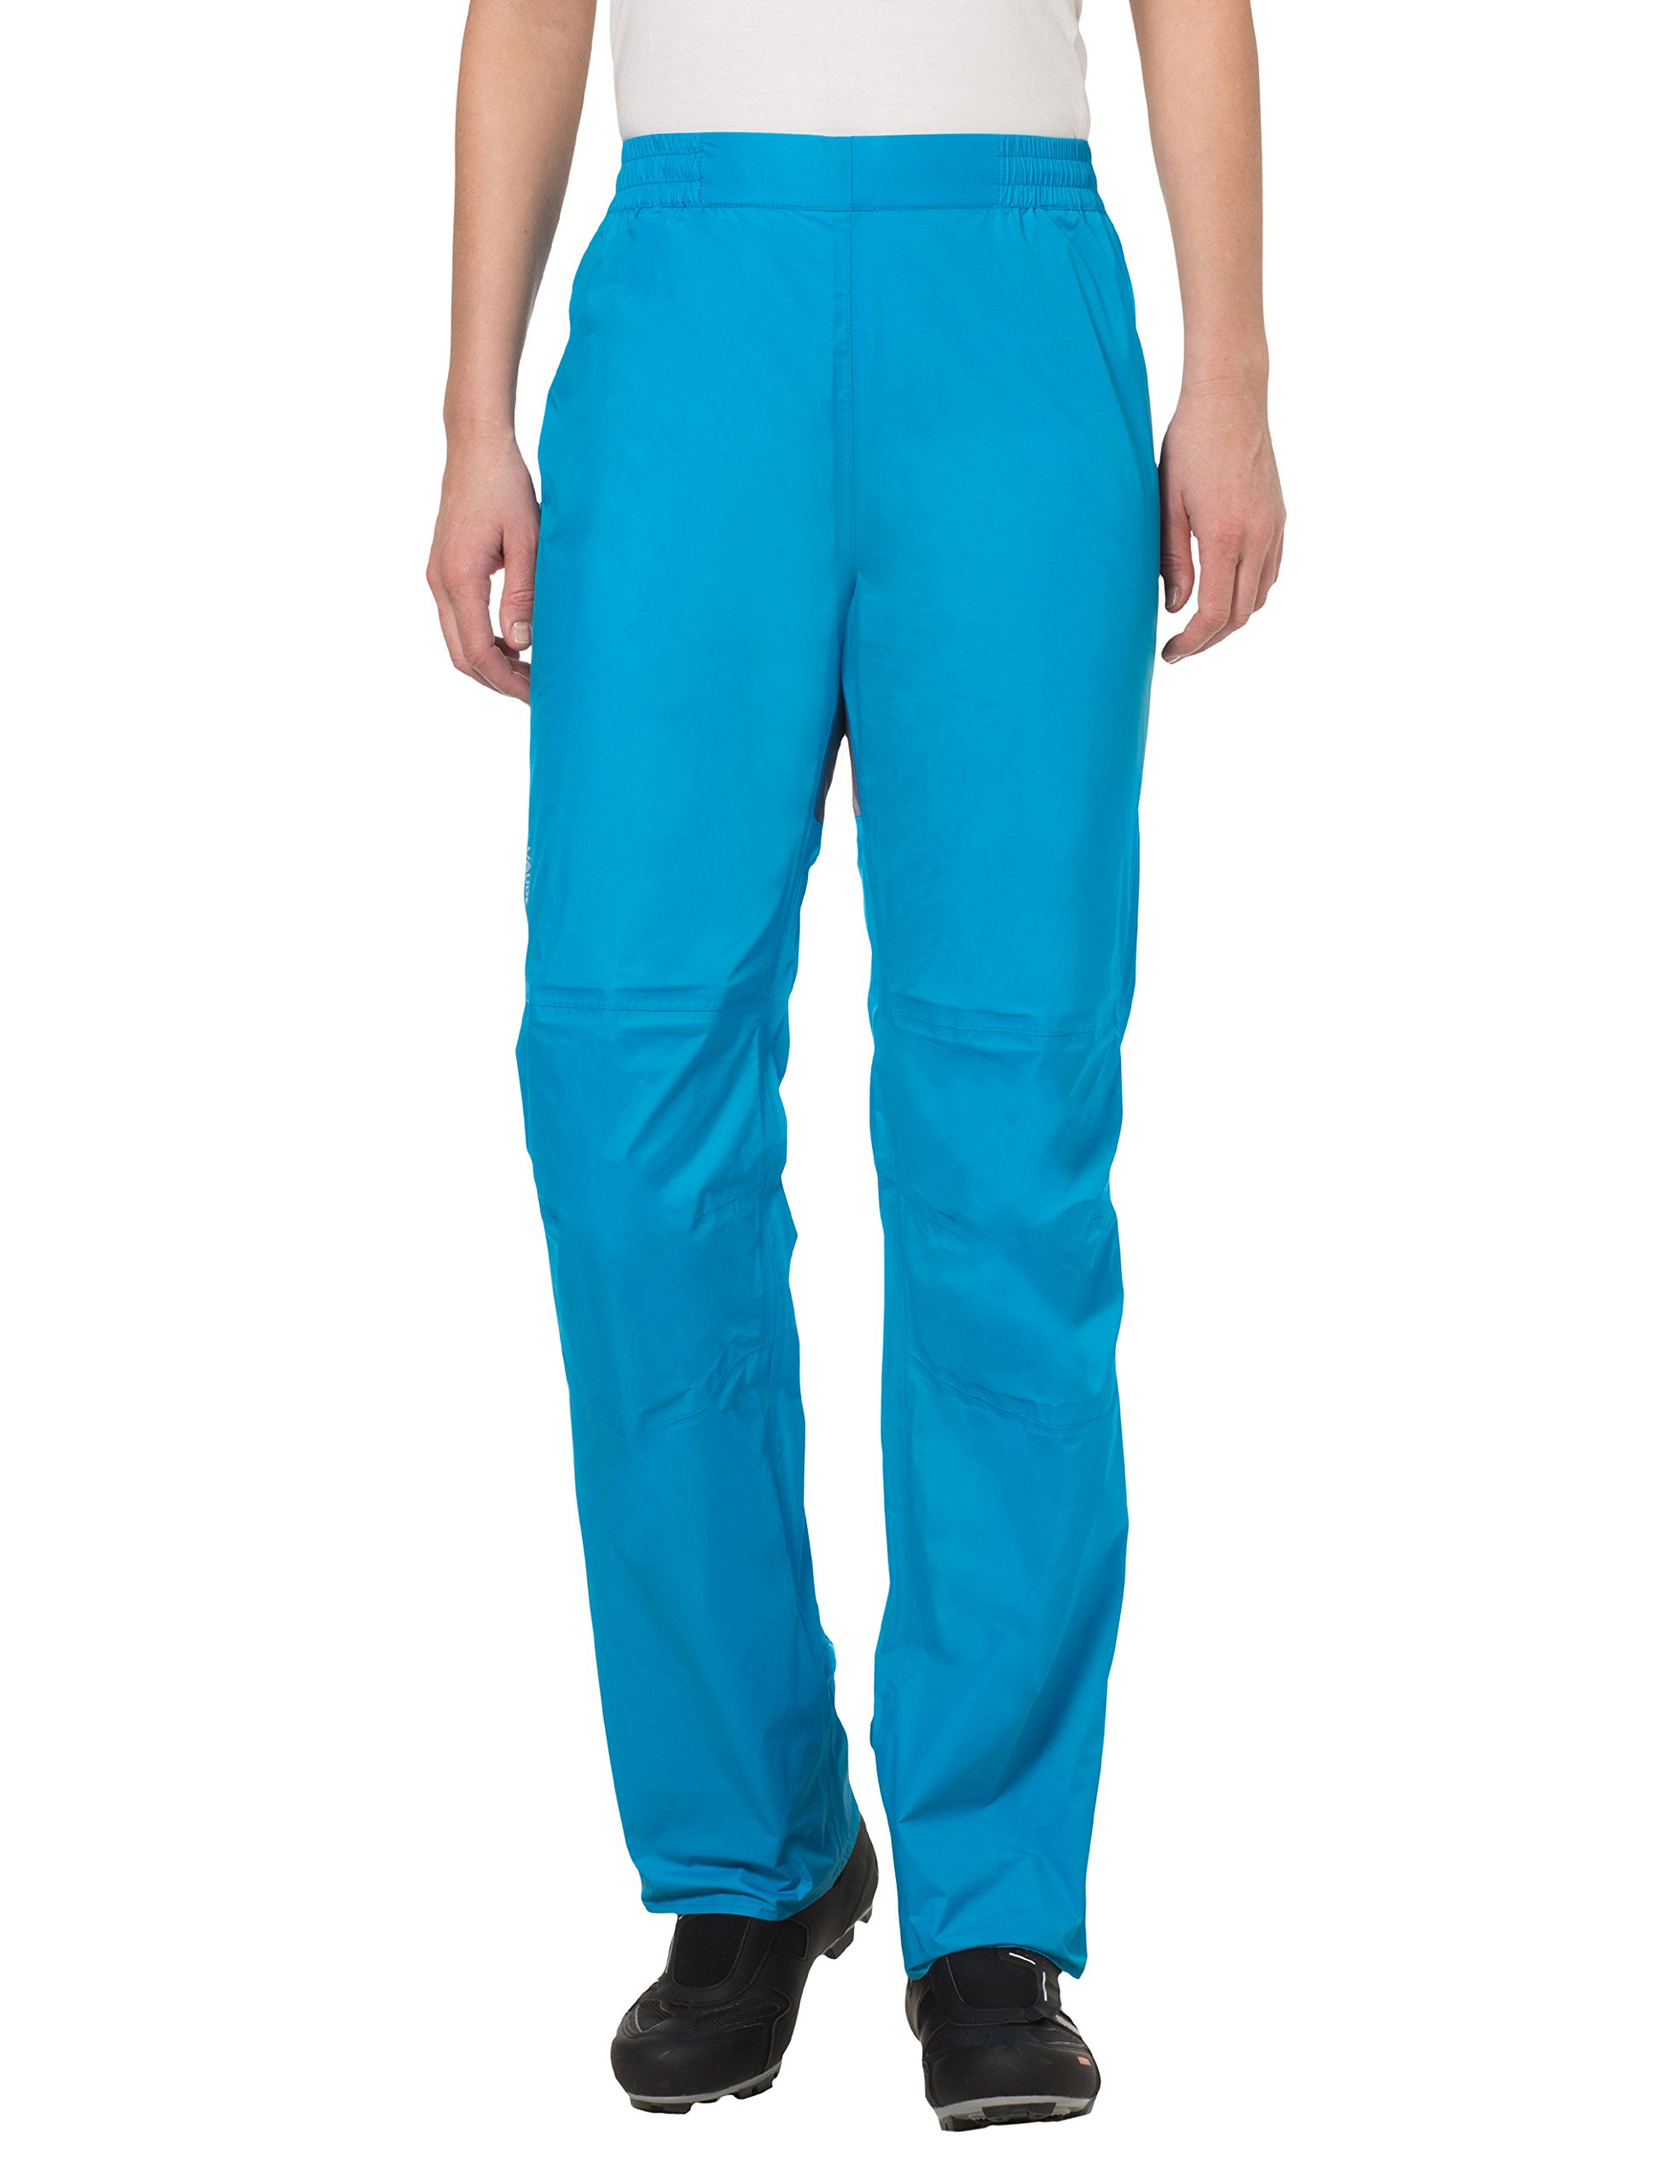 VAUDE Women's Drop Pants II – Women's Rain